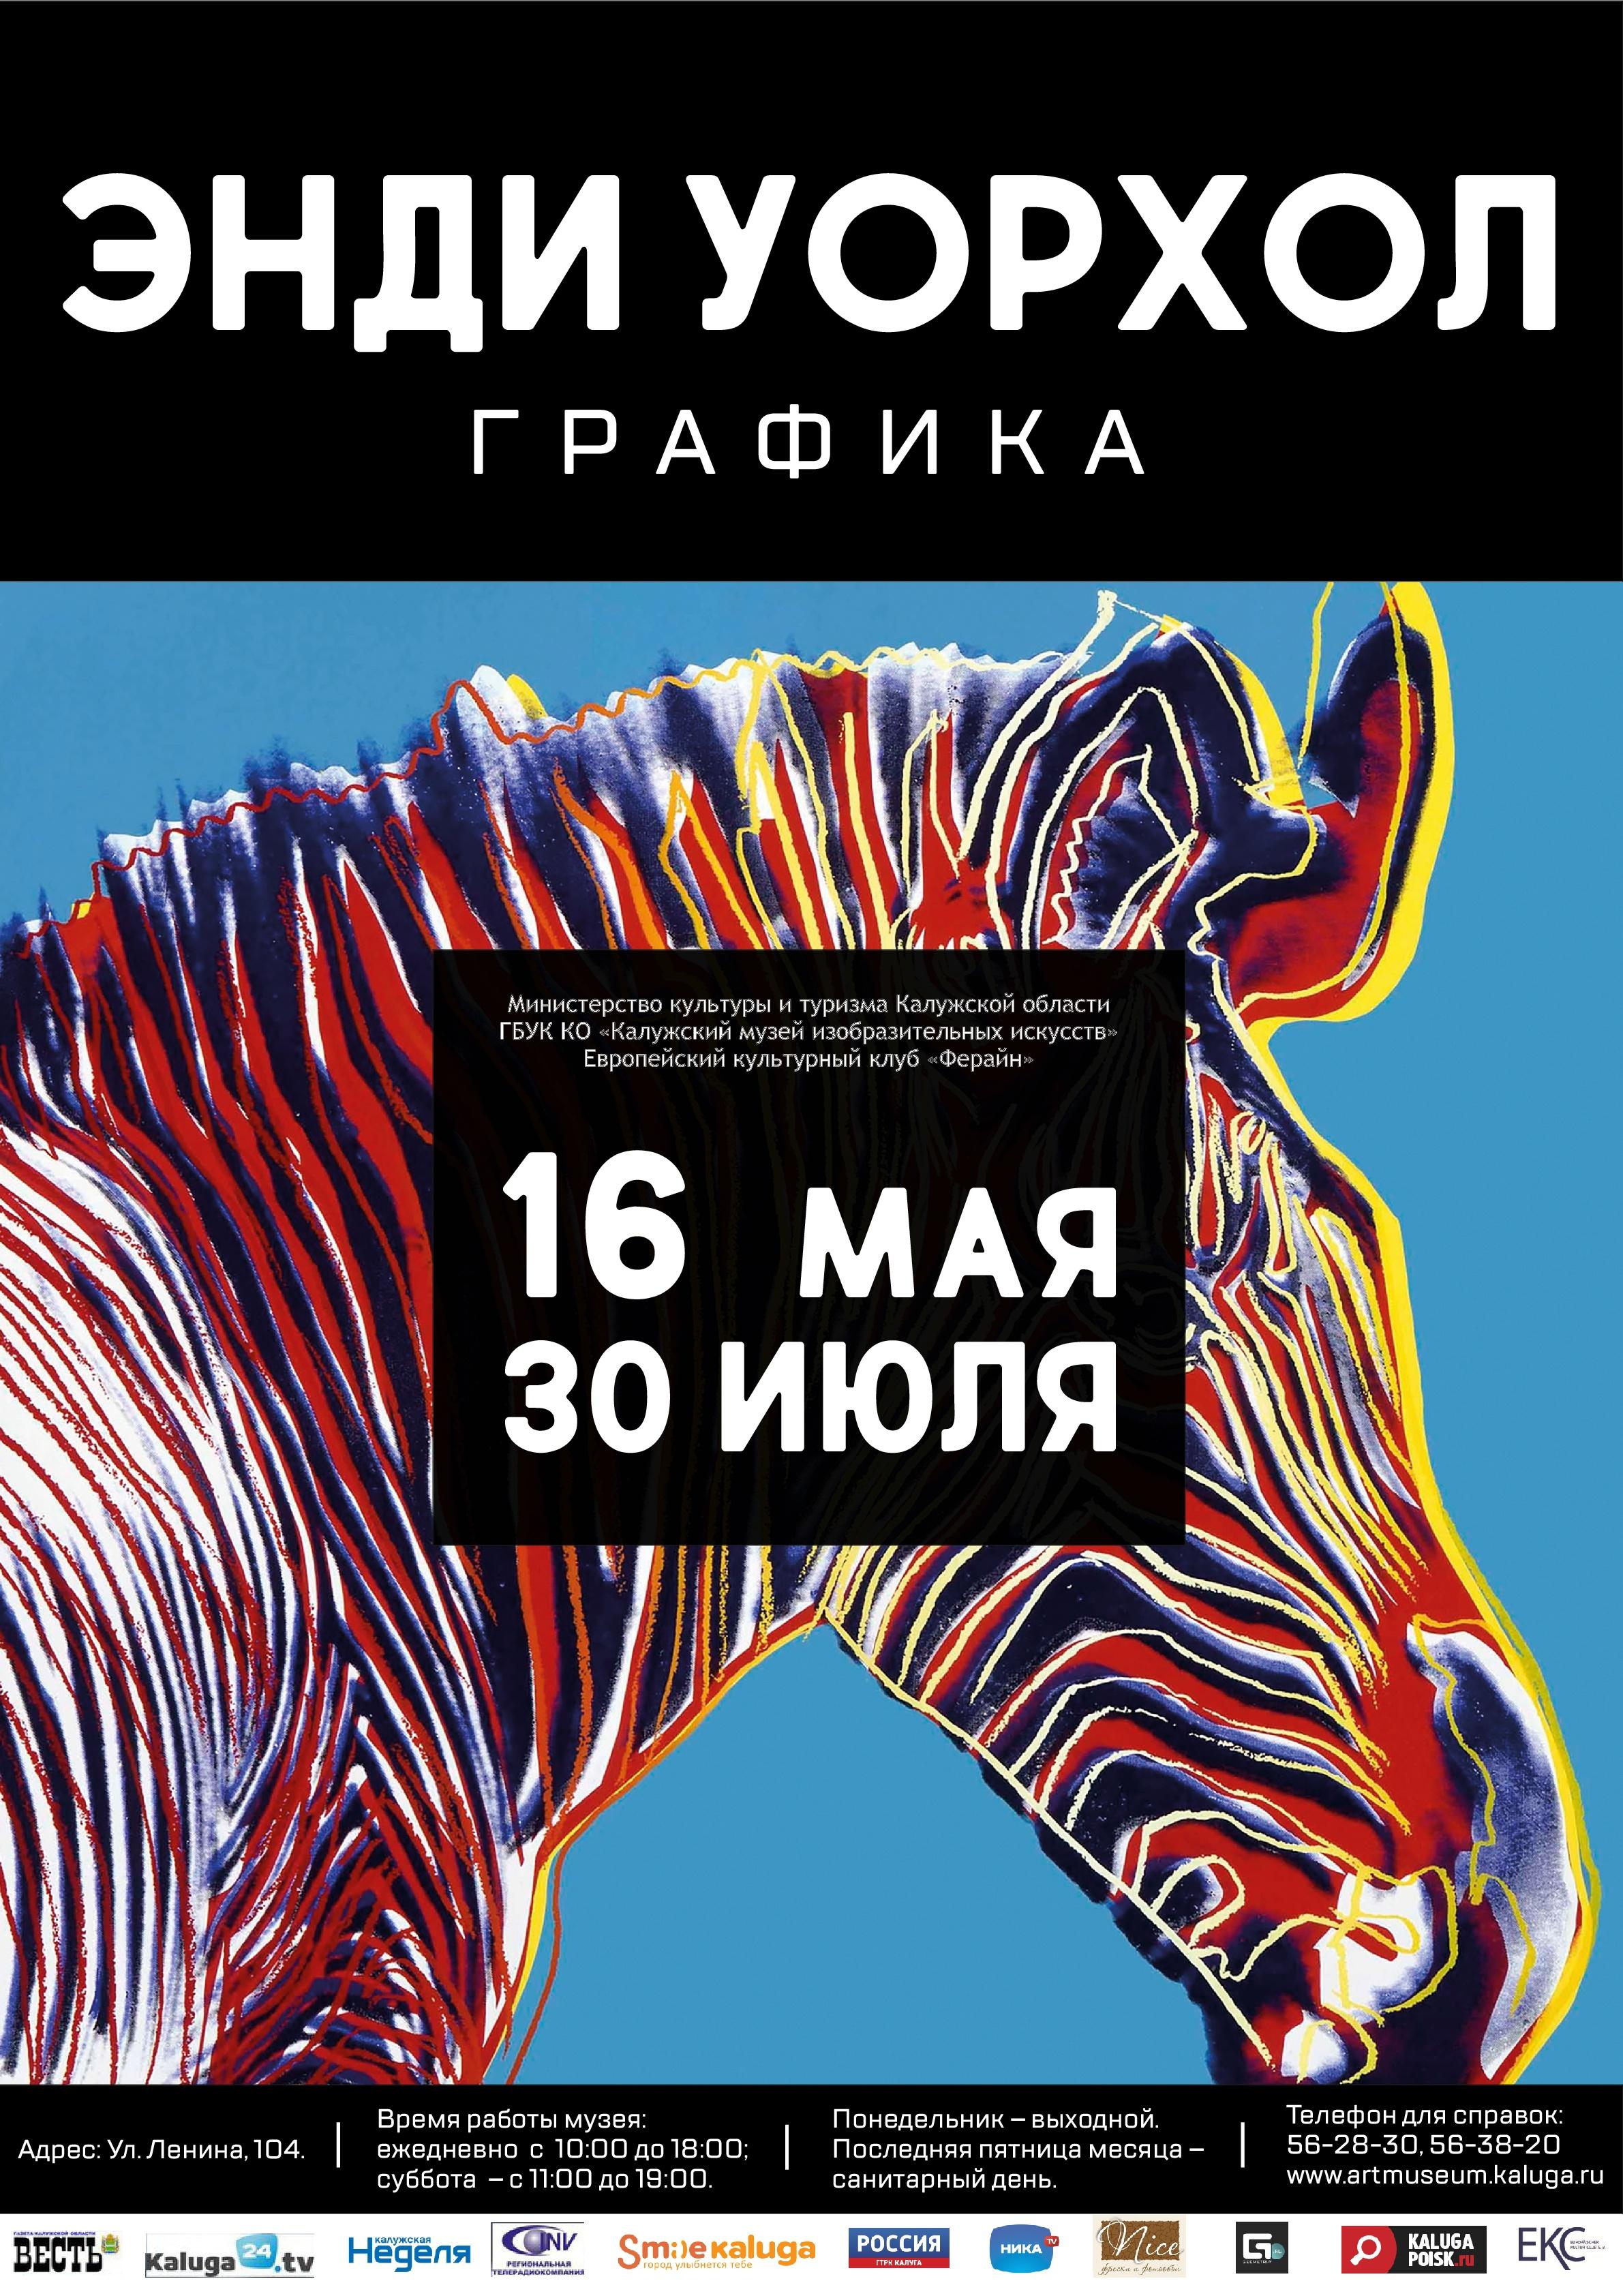 В Калужском музее изобразительных искусств состоится открытие выставки «Энди Уорхол. Графика».